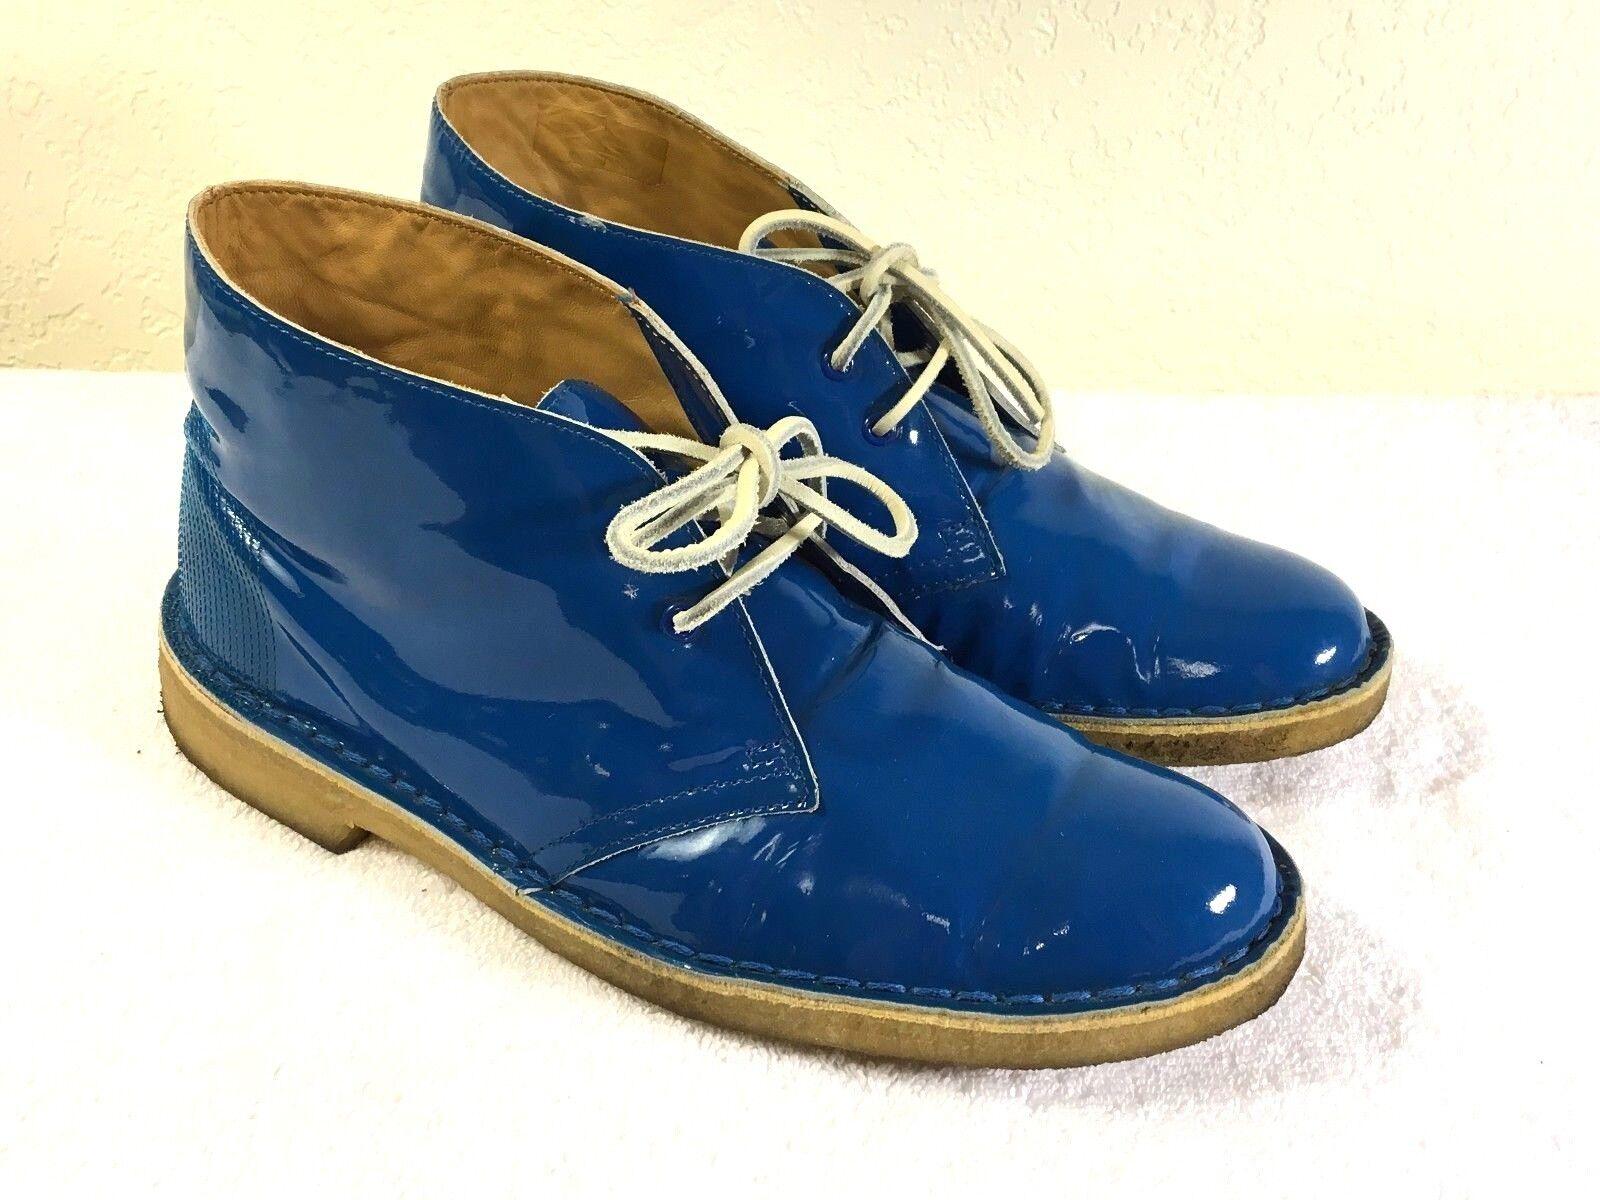 Clarks Originals women's glossy bluee desert boots size 9.5 Nice shape